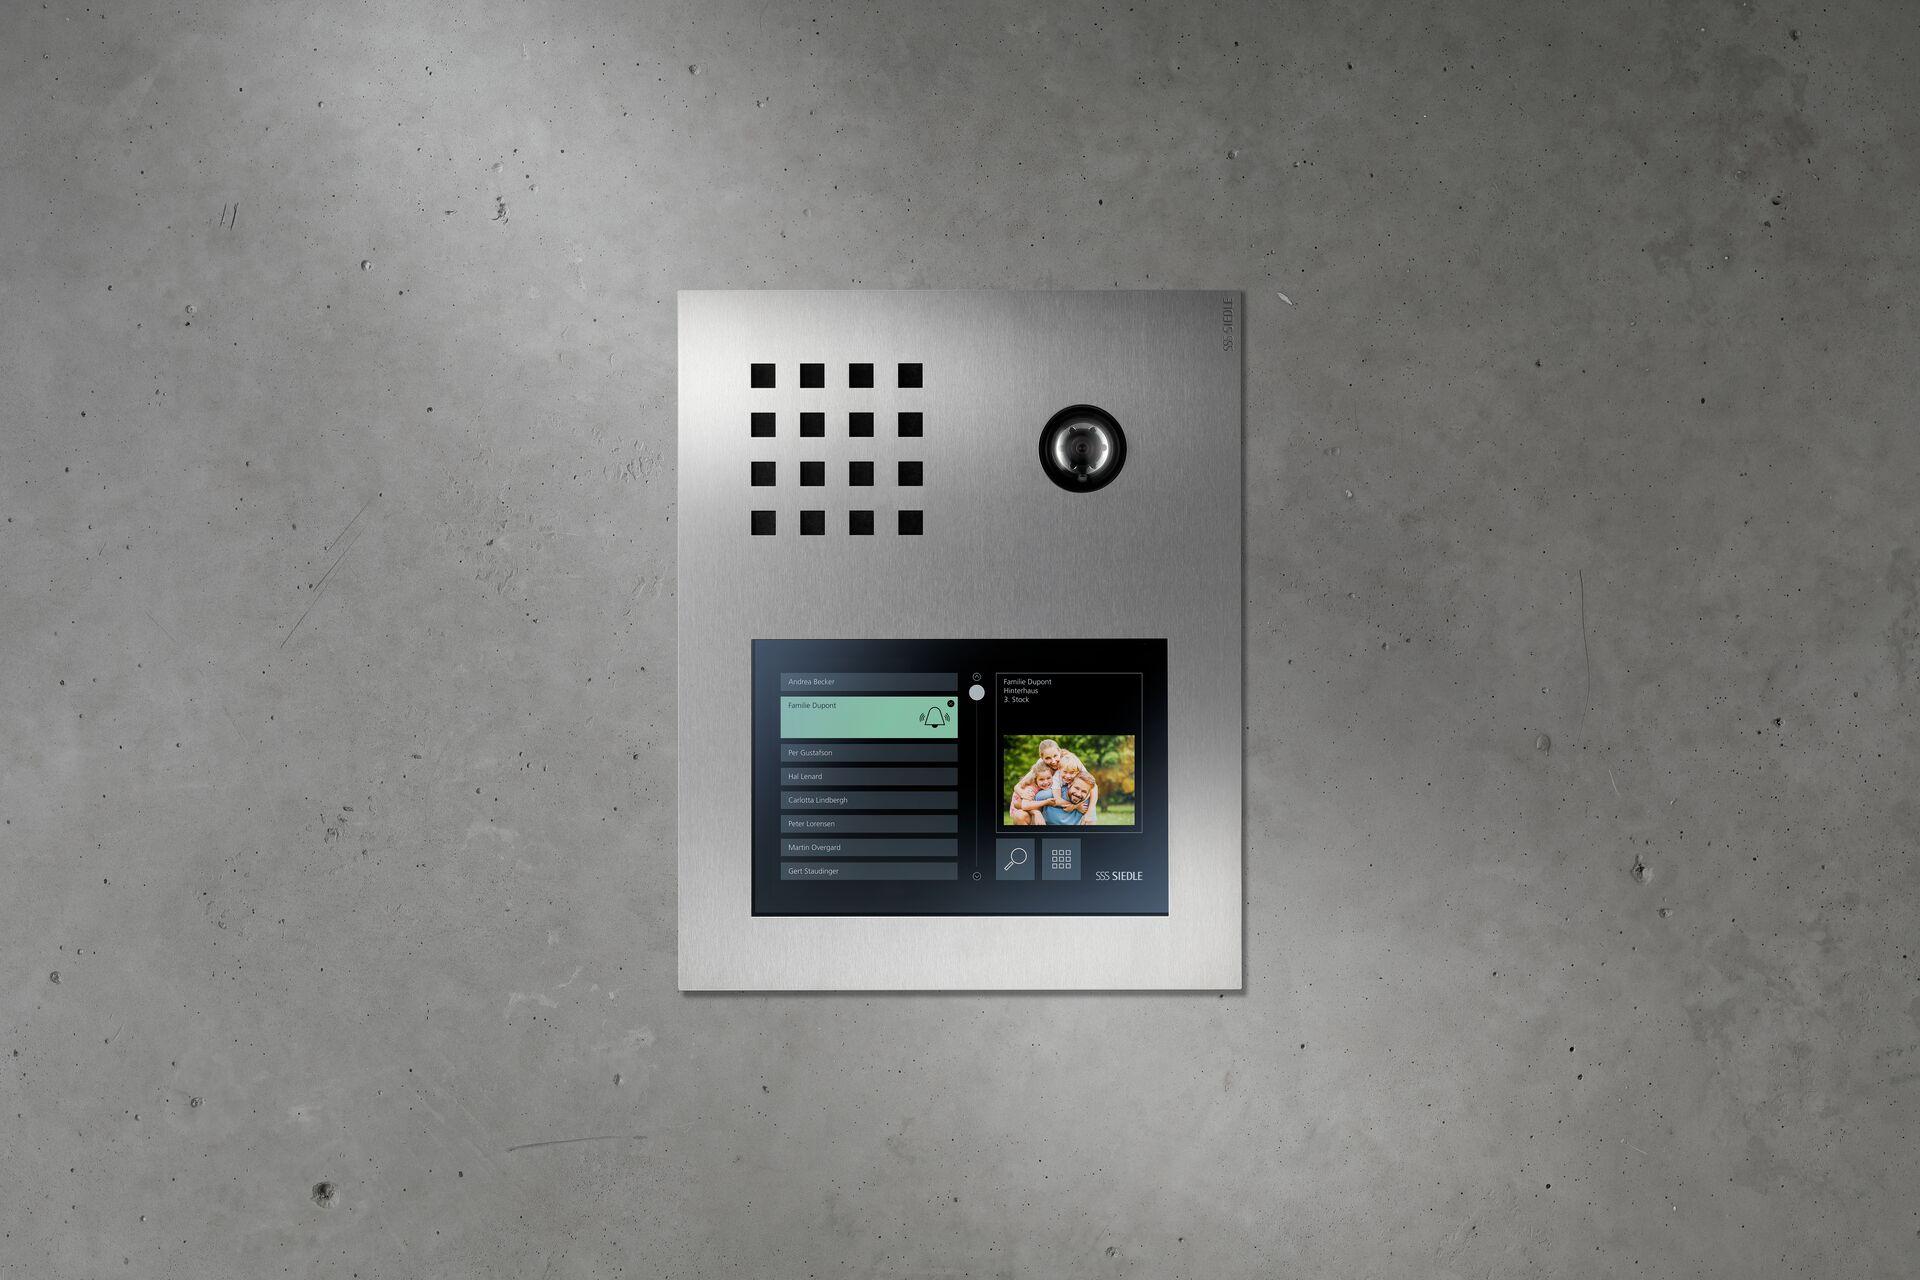 Siedle Sprechanlage mit Display und Kamera